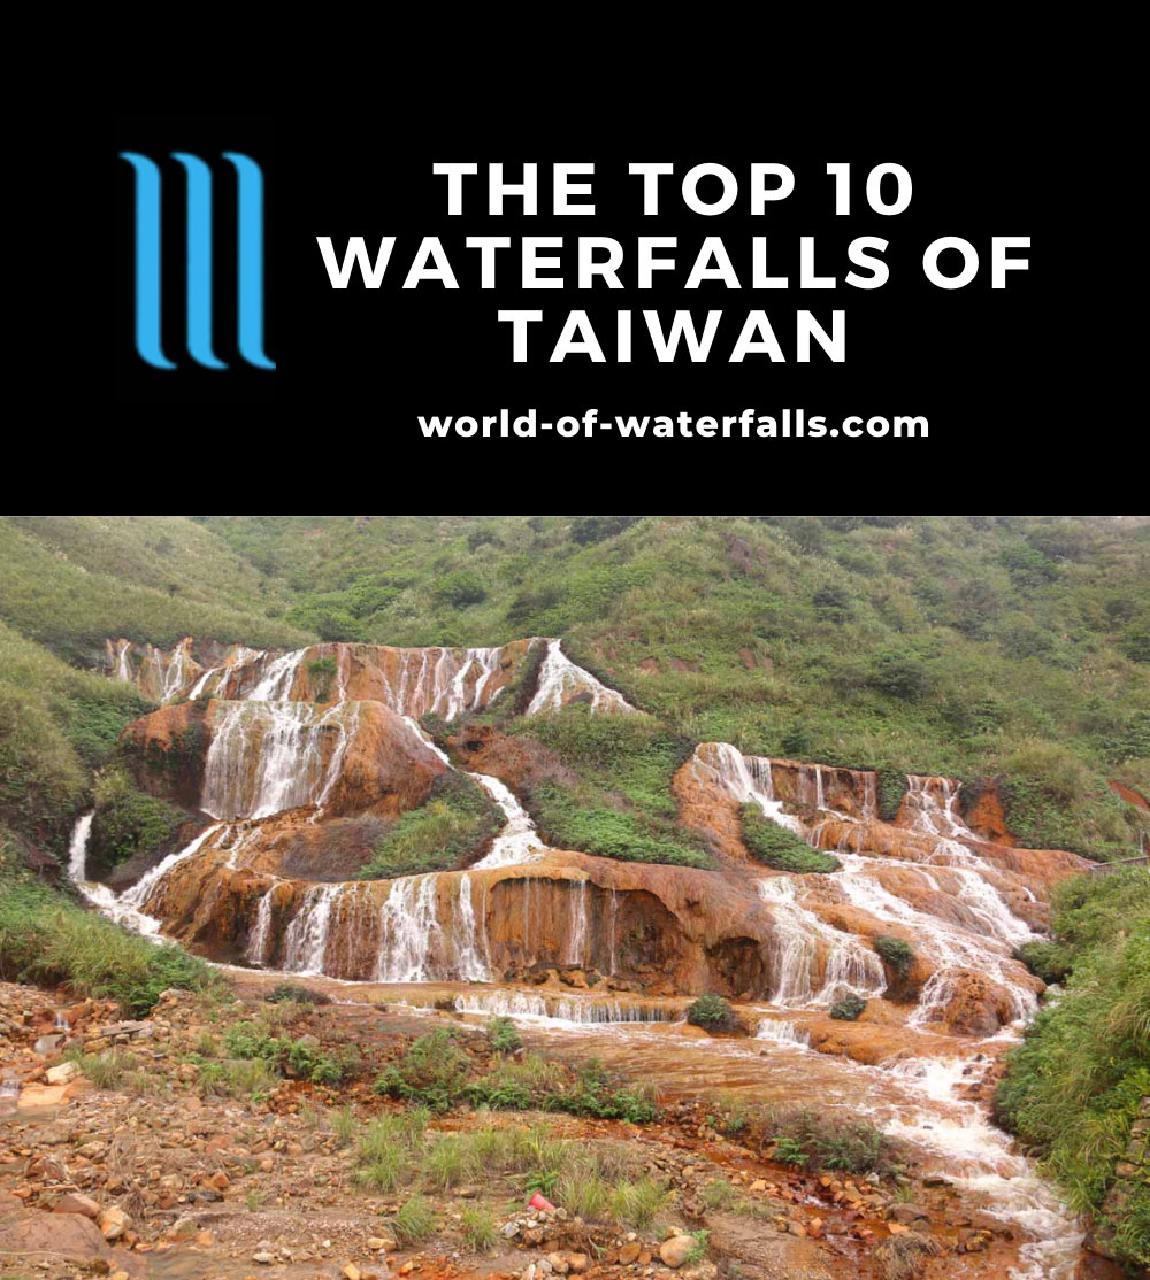 The Top 10 Waterfalls of Taiwan